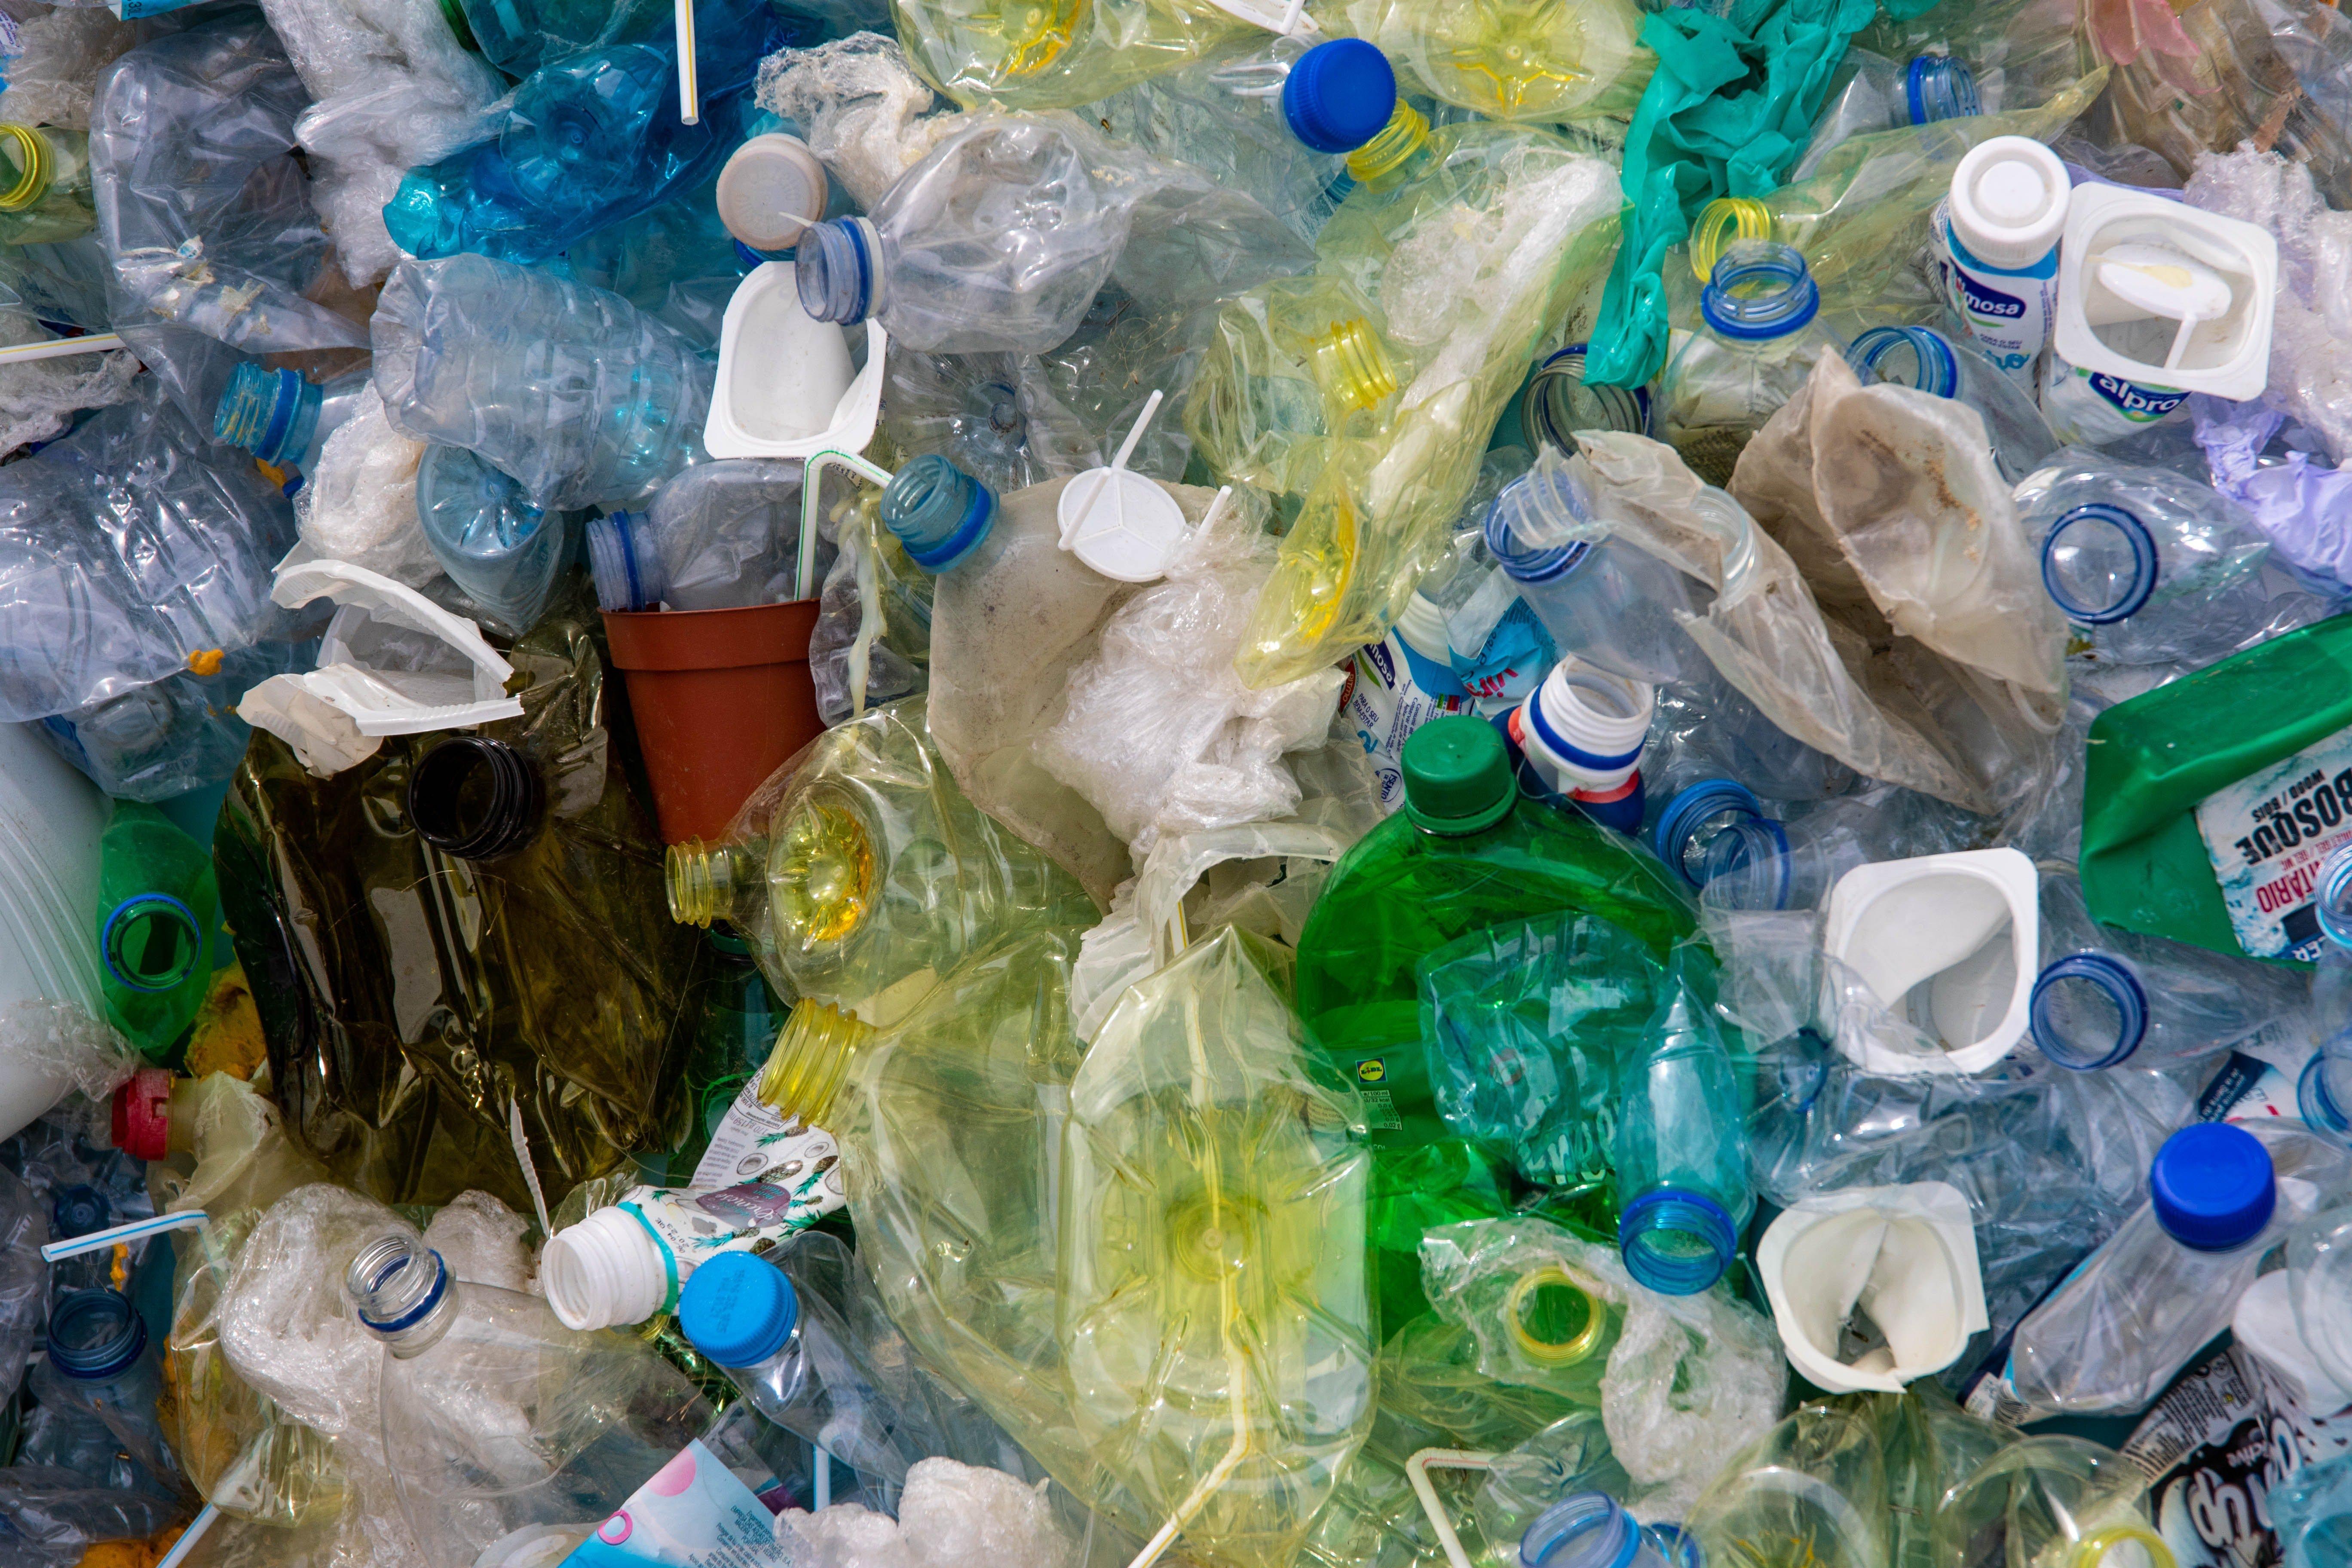 Пандемия коронавируса угрожает уничтожить бизнес переработки пластика